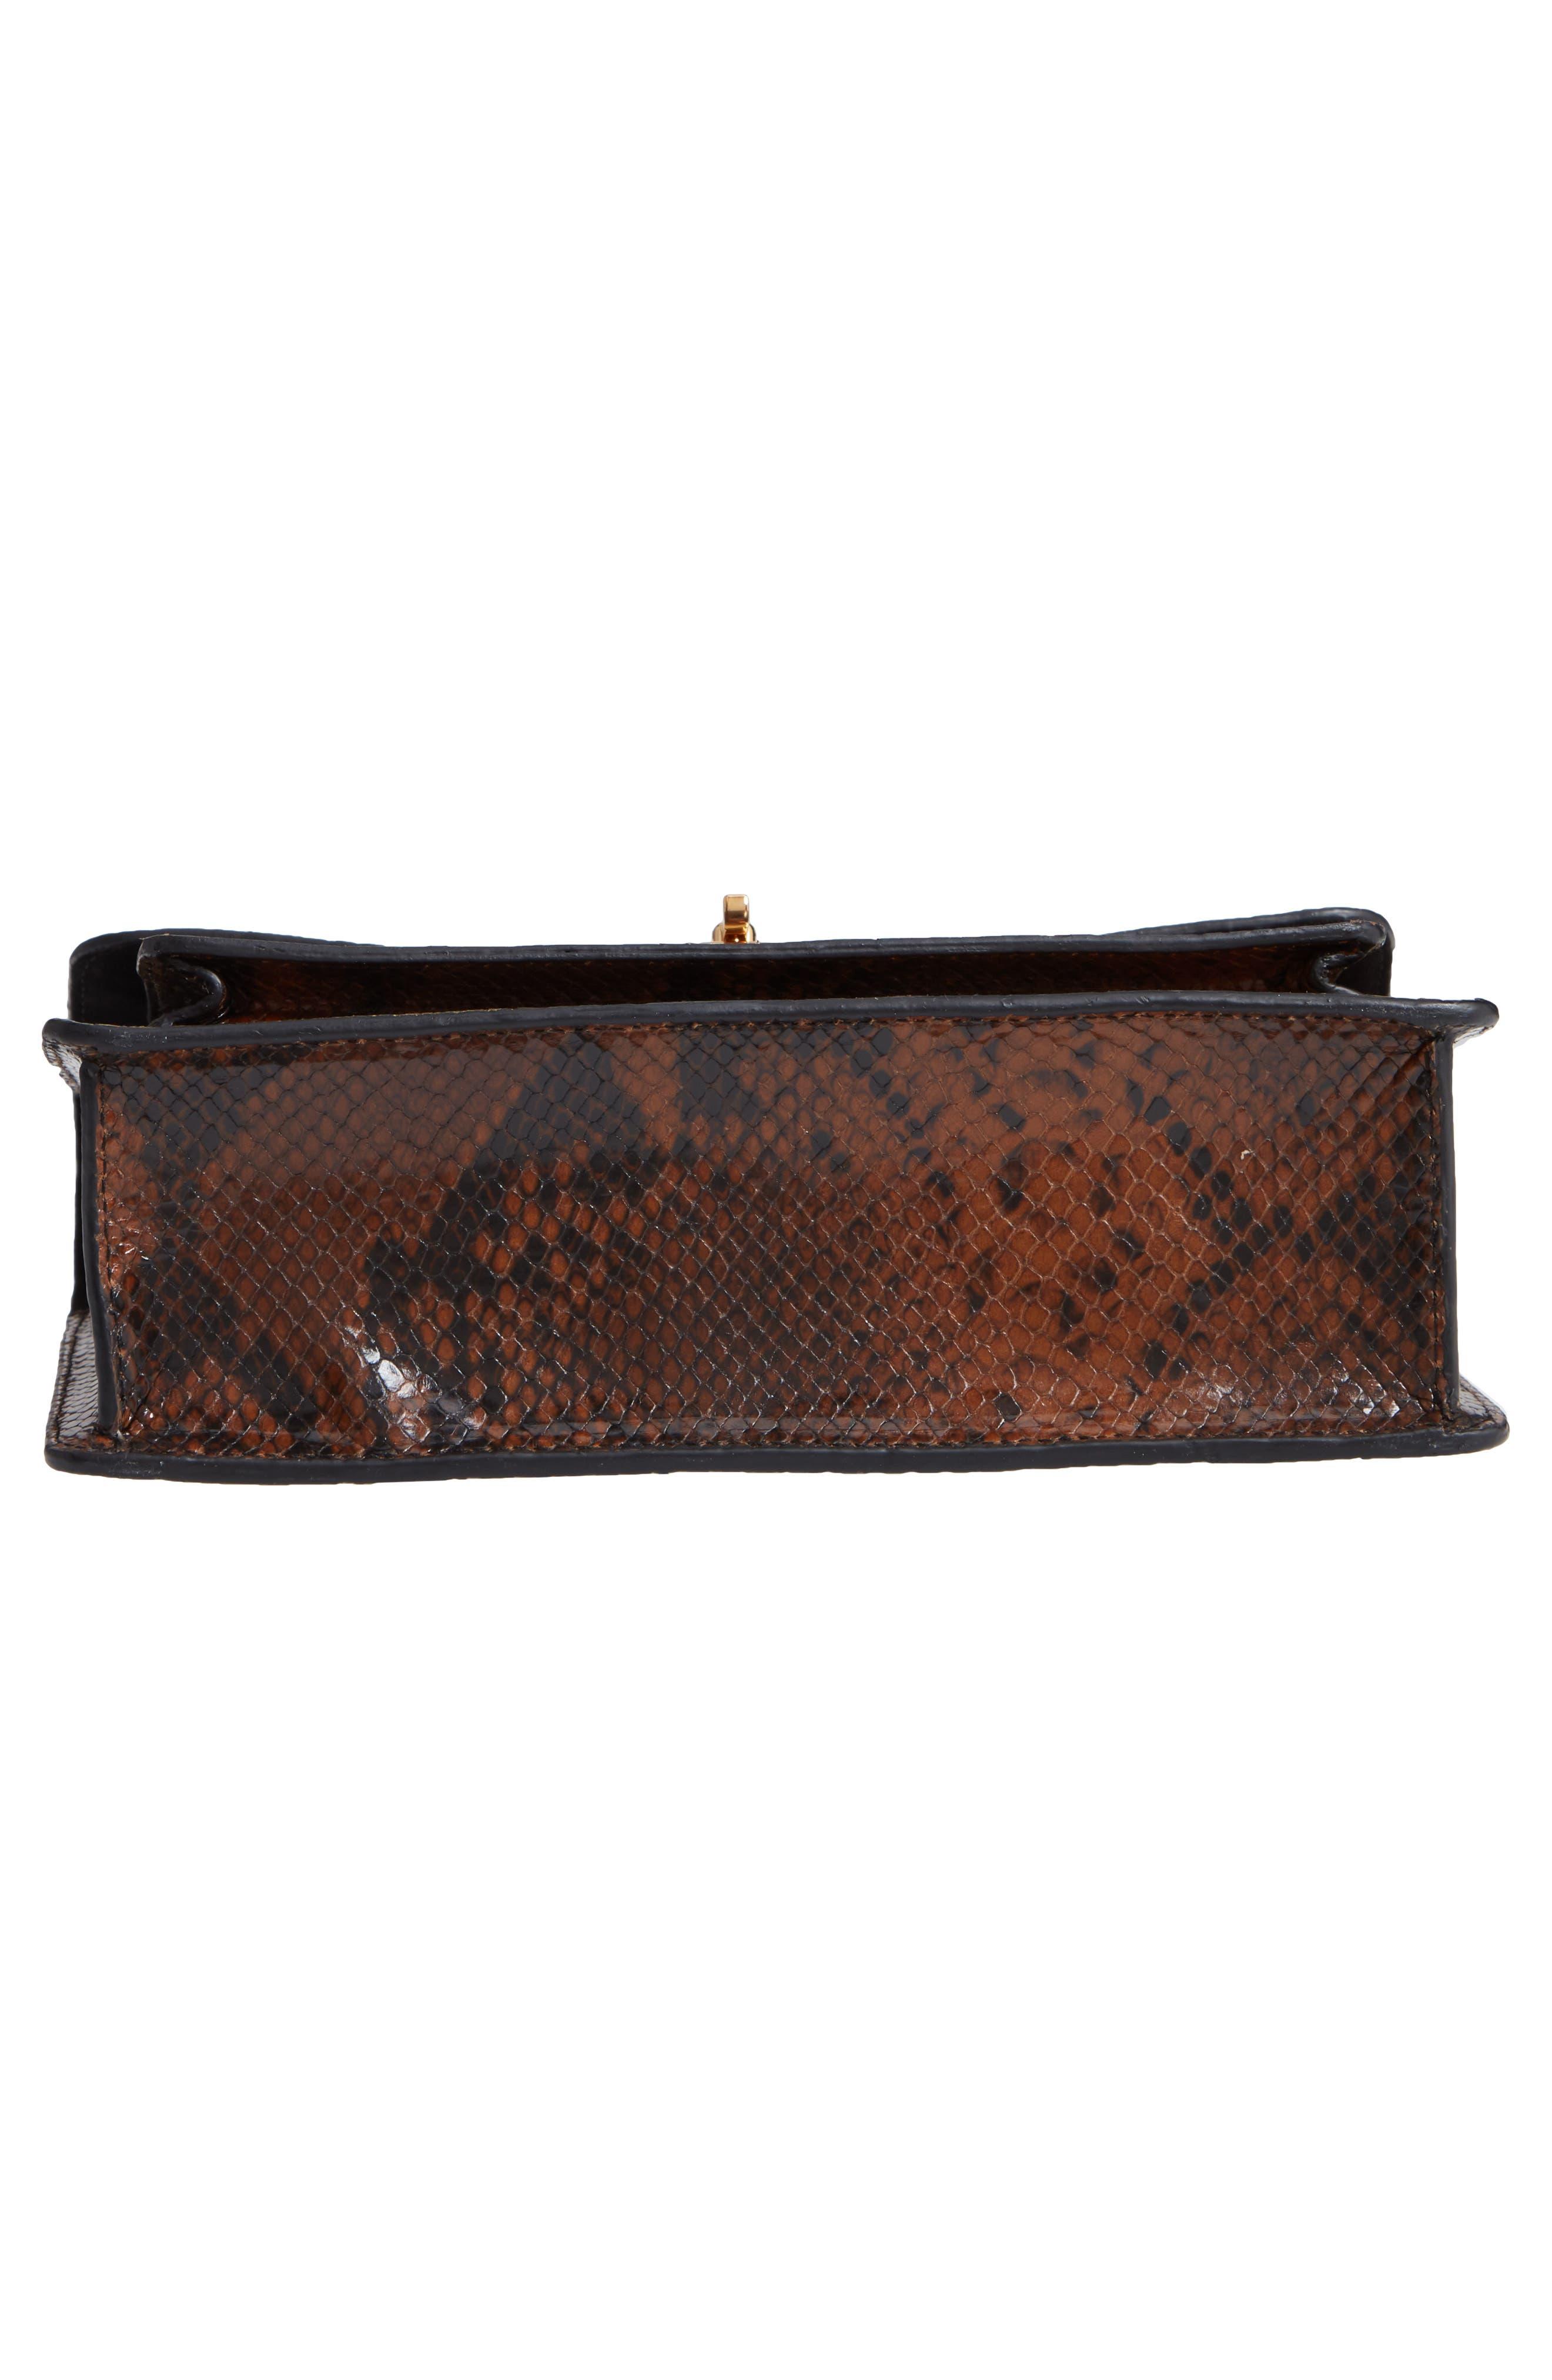 Croc Embossed Leather Shoulder Bag,                             Alternate thumbnail 6, color,                             200